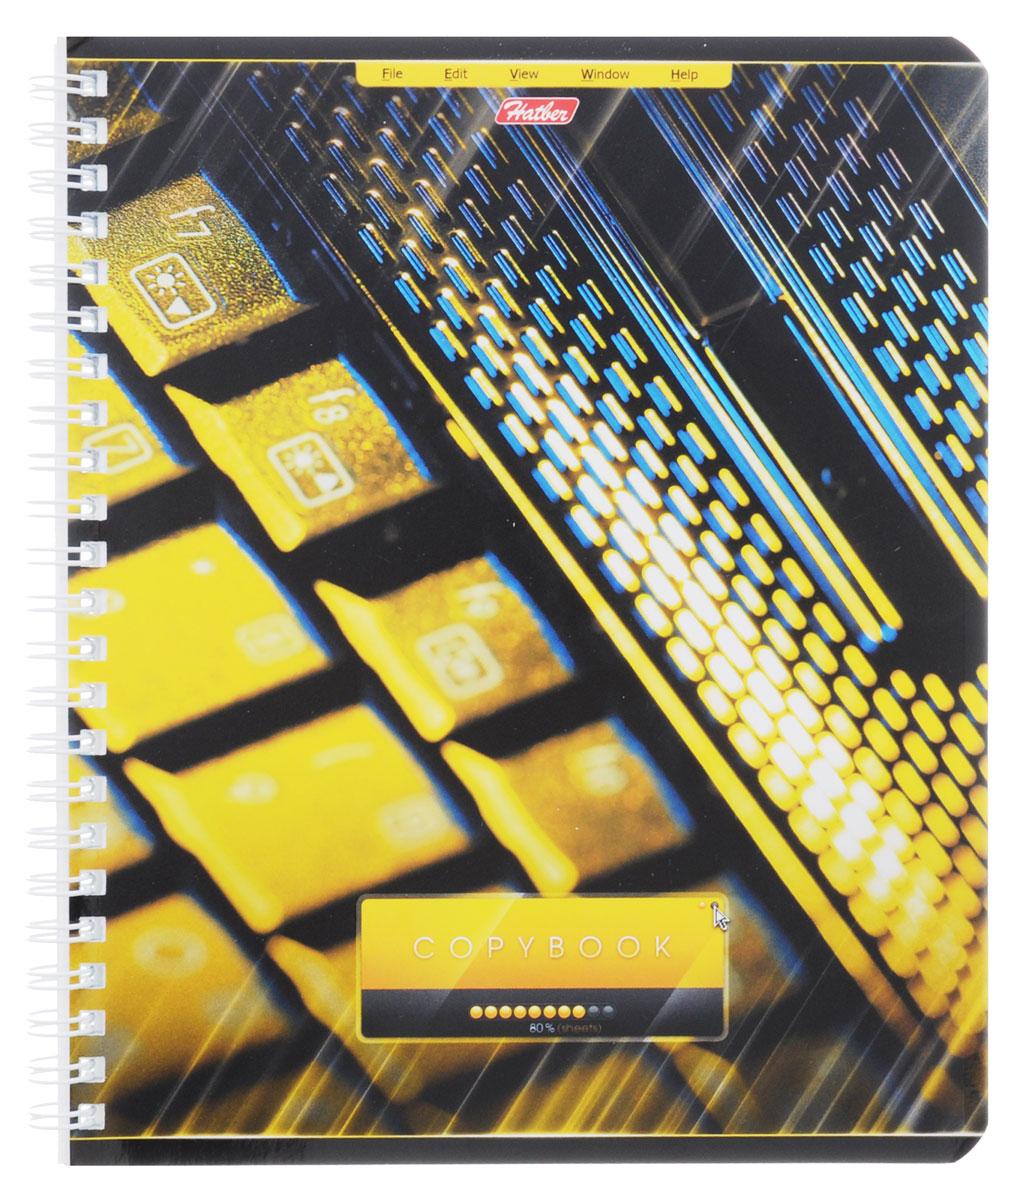 Hatber Тетрадь Офис 80 листов в клетку цвет желтыйSMA510-V8-ETТетрадь Hatber Офис подойдет как школьнику, так и студенту.Обложка тетради выполнена из картона и оформлена оригинальным изображением. Внутренний блок состоит из 80 листов белой бумаги. Стандартная линовка в голубую клетку без полей. Листы тетради соединены металлическим гребнем.